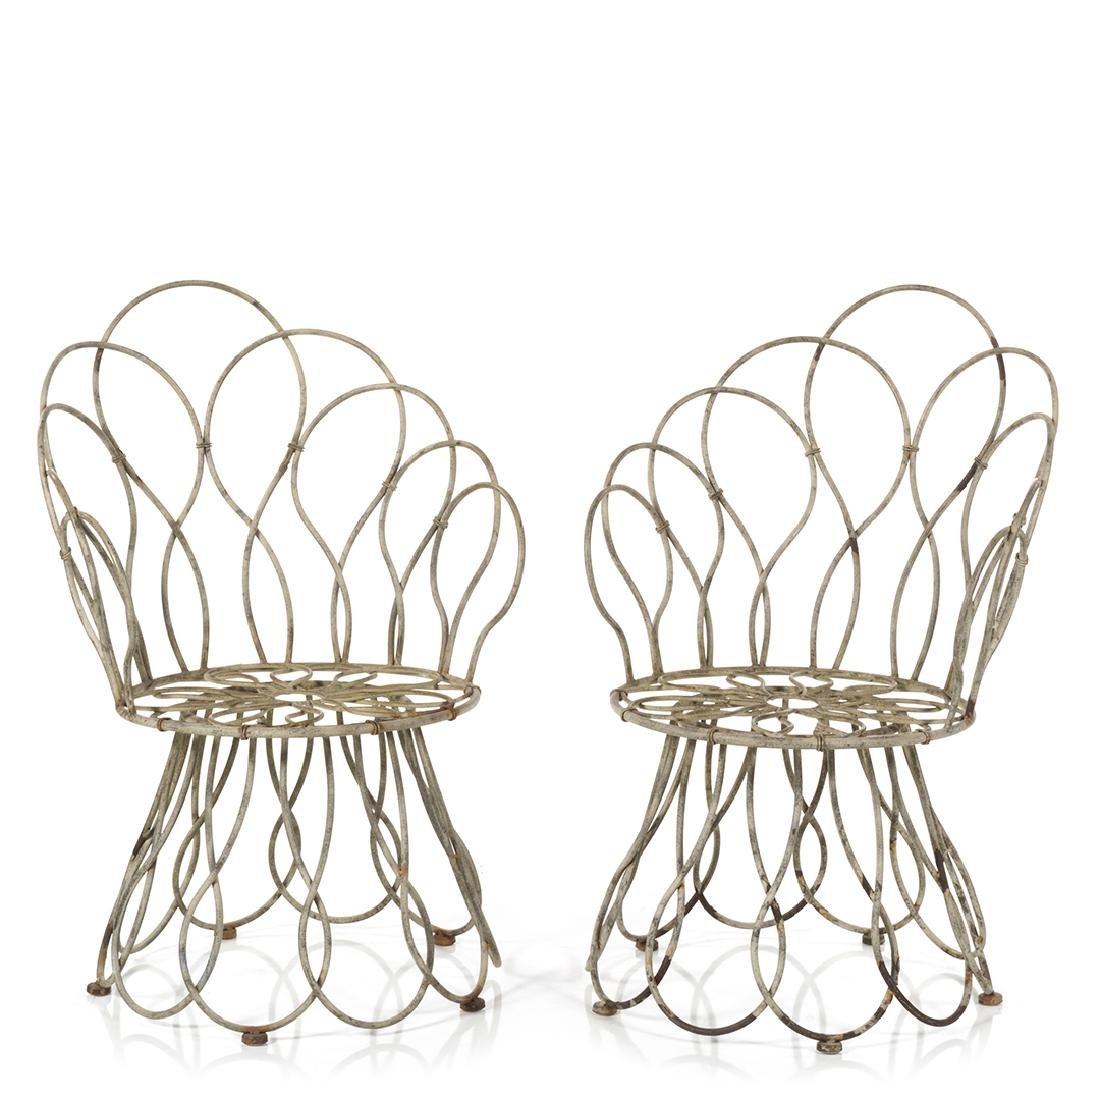 Sculptural Garden Chairs (2)